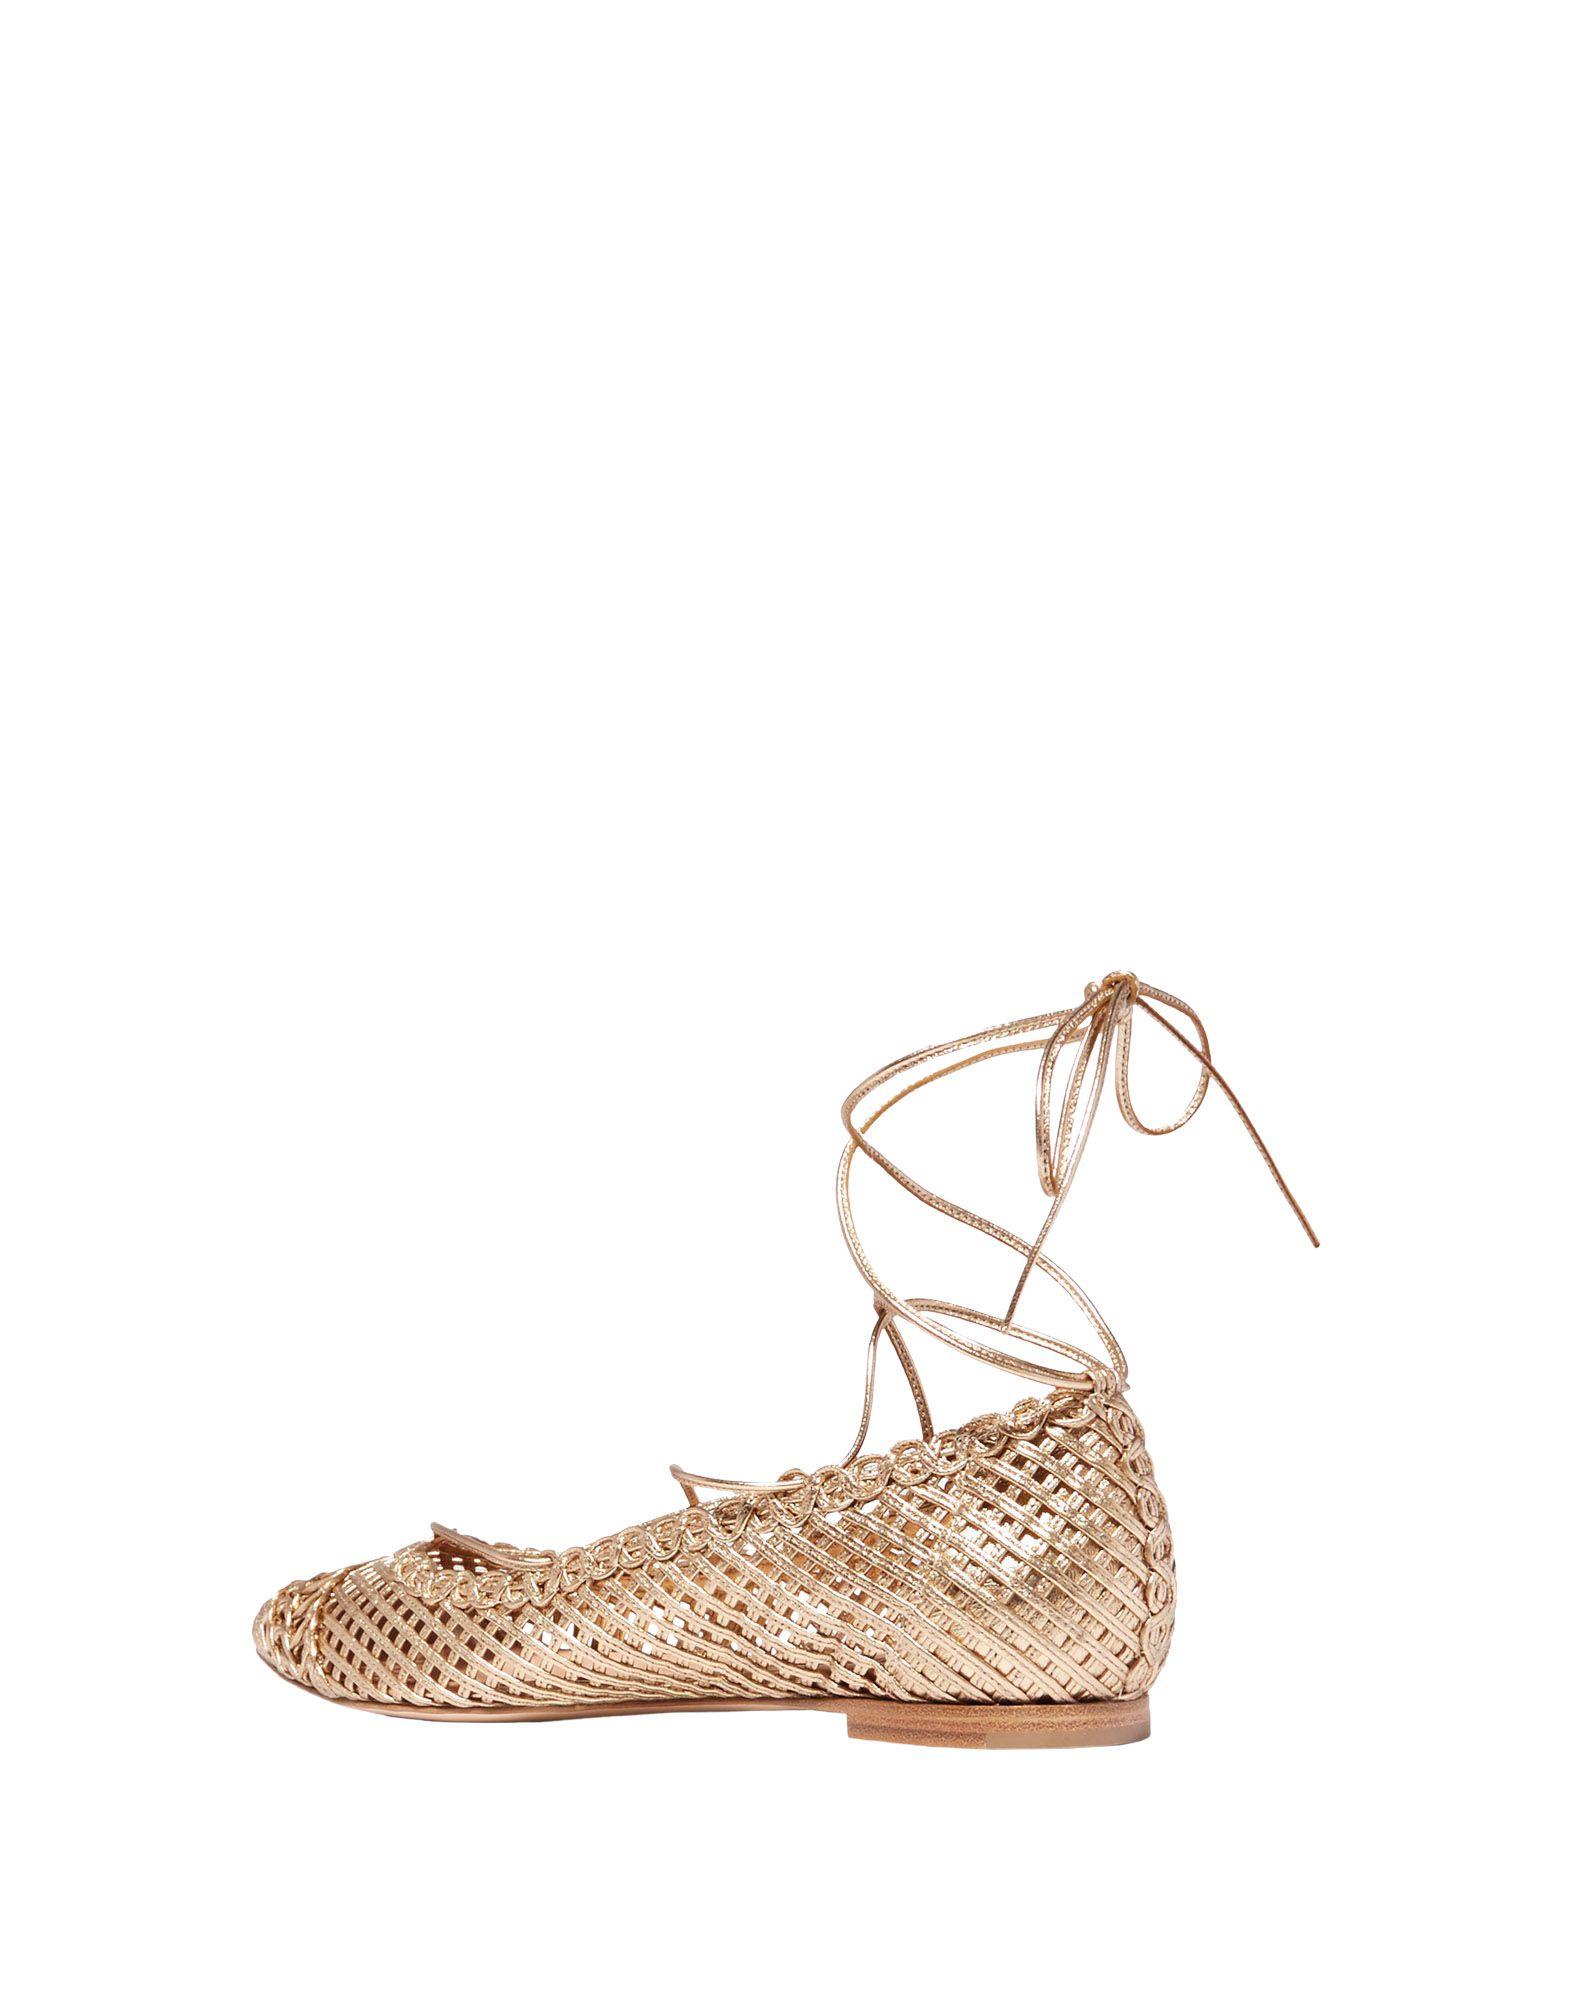 Gianvito Rossi Ballet Flats Flats Flats - Women Gianvito Rossi Ballet Flats online on  United Kingdom - 11463644TV 2f74db